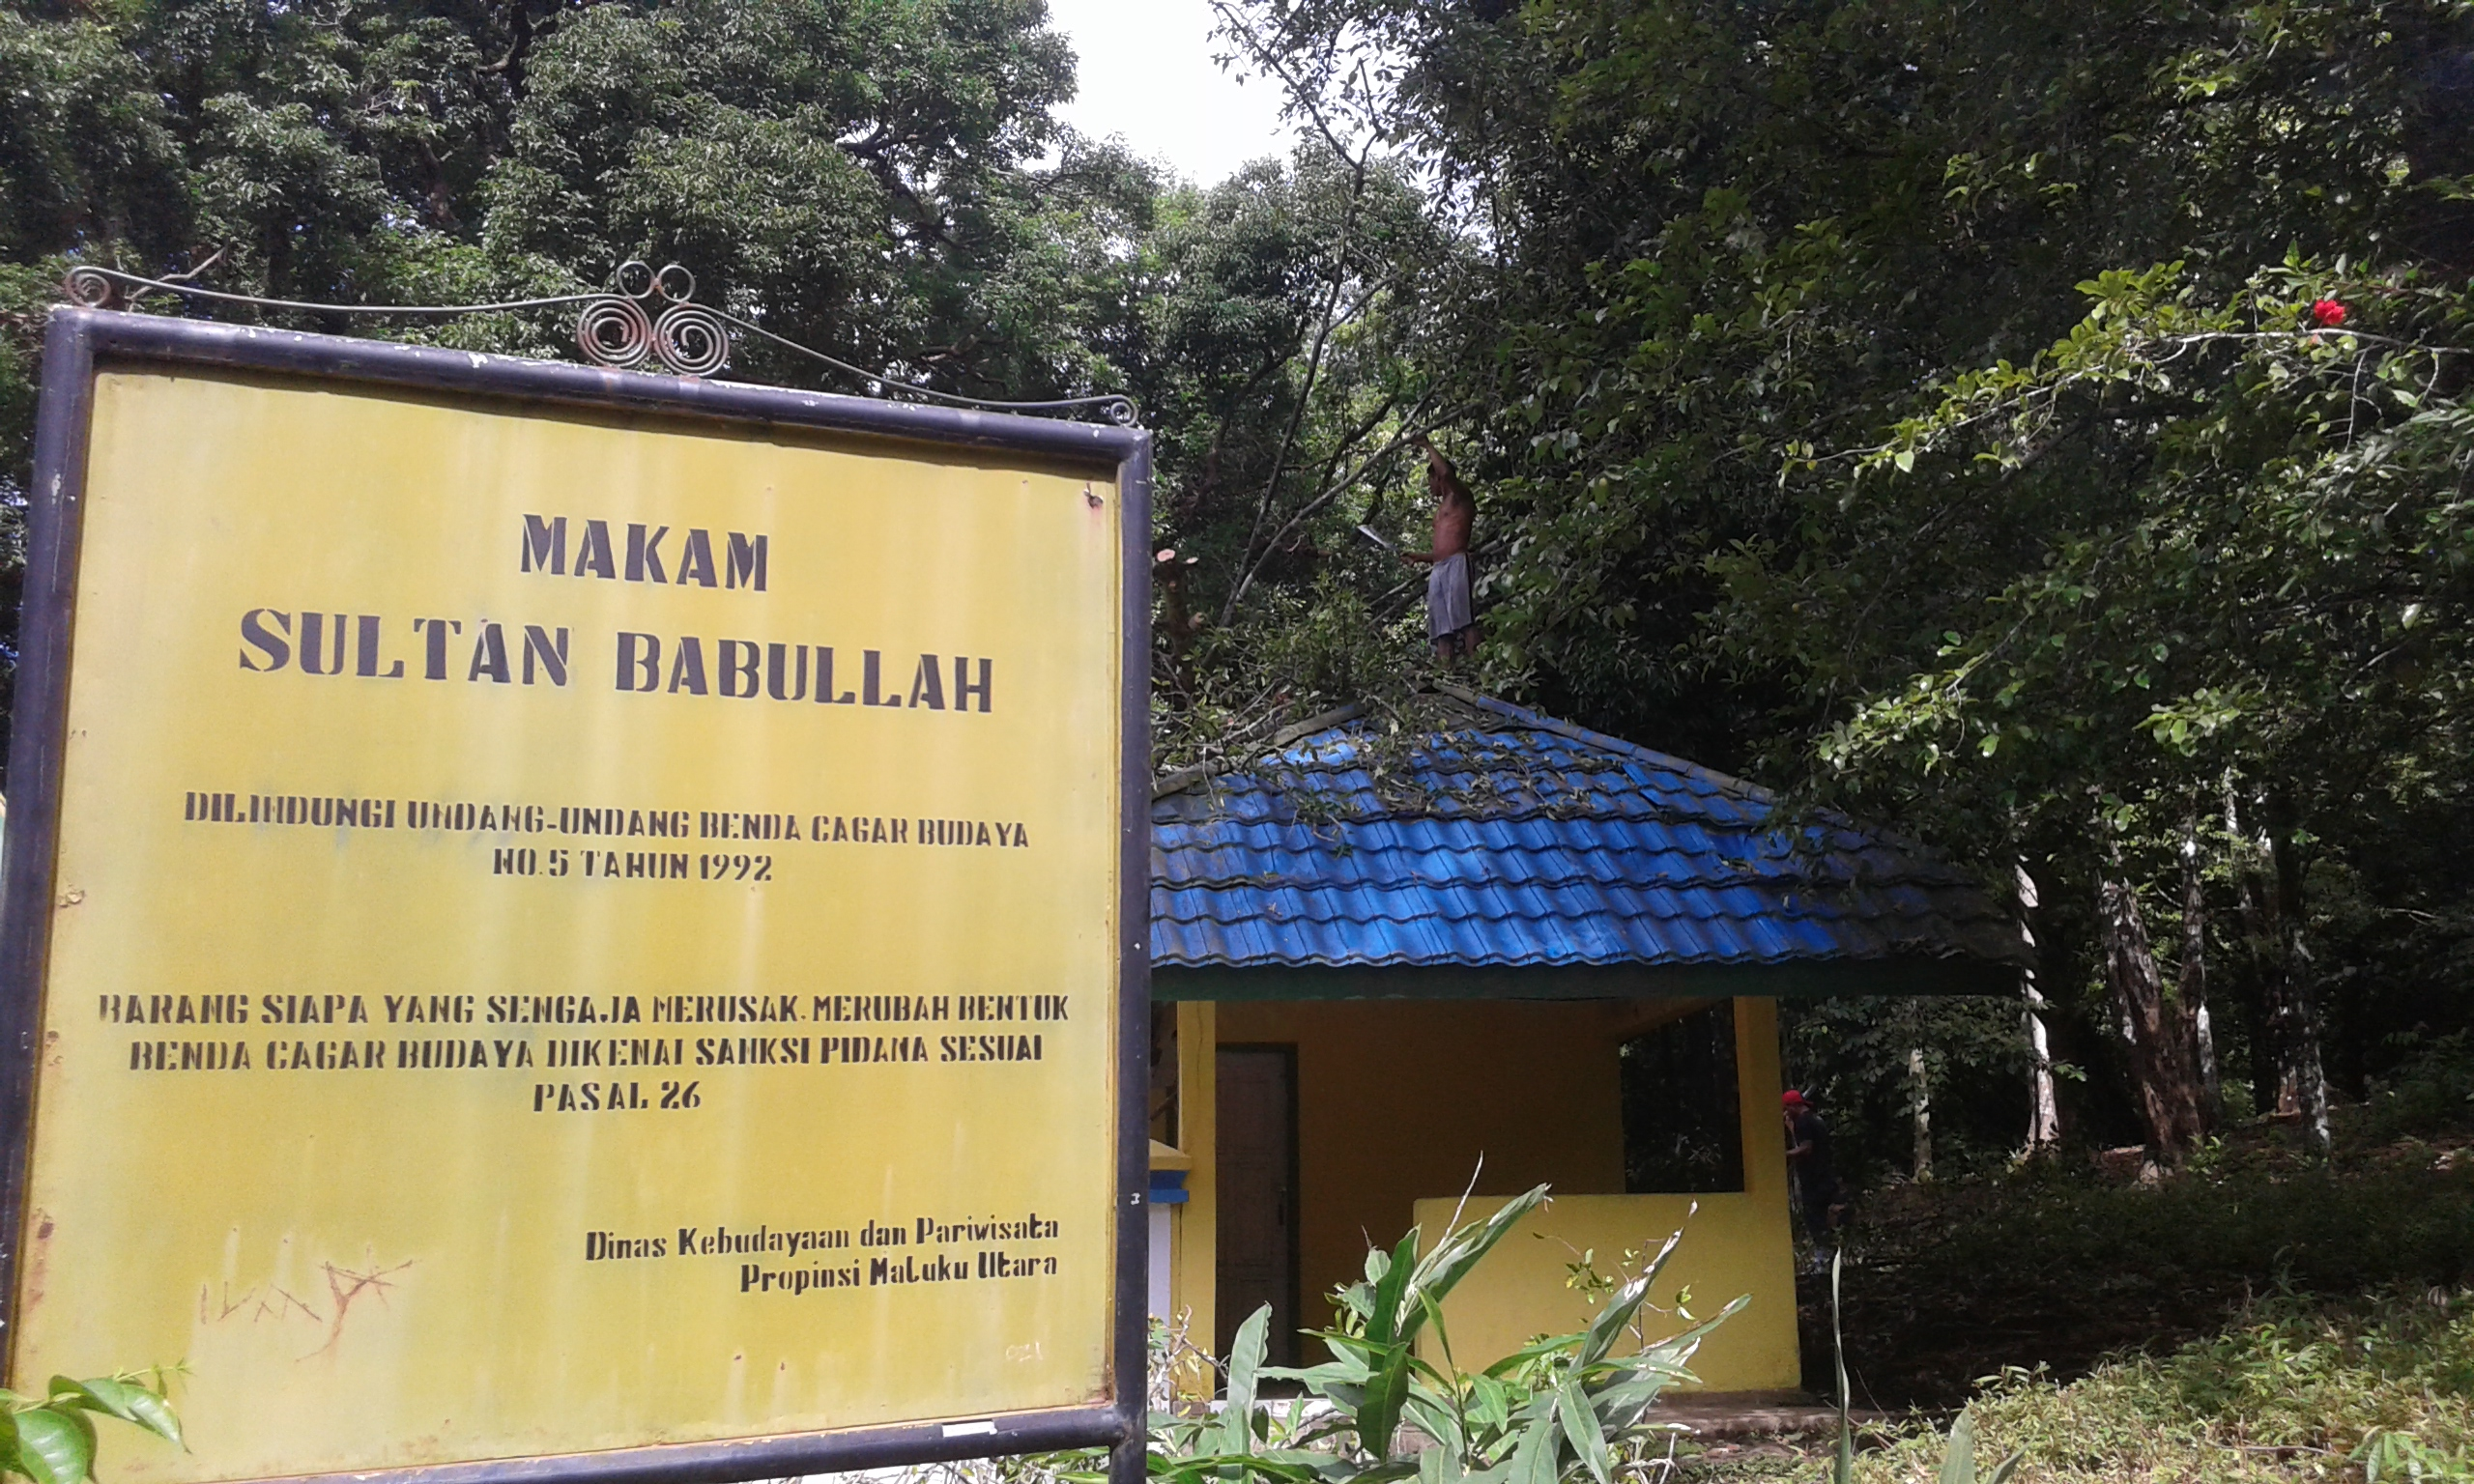 You are currently viewing Jum'at Bersih di Cagar Budaya (Makam Sultan Babullah)